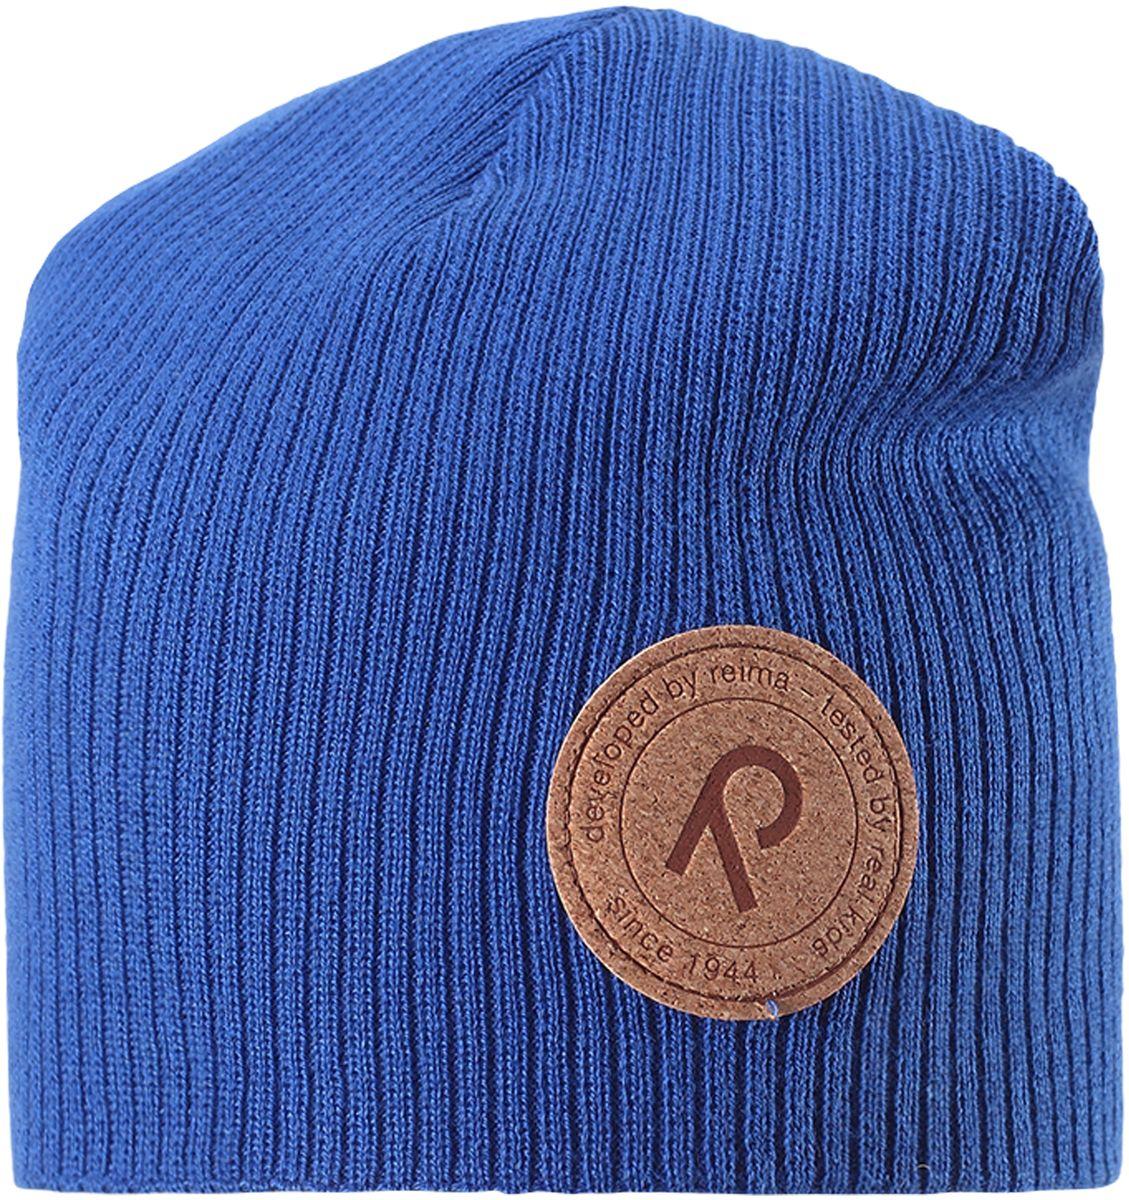 Шапка детская Reima Majakka, цвет: синий. 5285266530. Размер 505285266530Детская шапка прекрасно подойдет для весенней поры. Она изготовлена из эластичного и легкого вязаного хлопка, мягкого и приятного на ощупь. Материал сертифицирован по стандарту Oeko-Tex. Удлиненная модель с подкладкой. Шапка смотрится ярко и стильно то, что надо для прогулки!